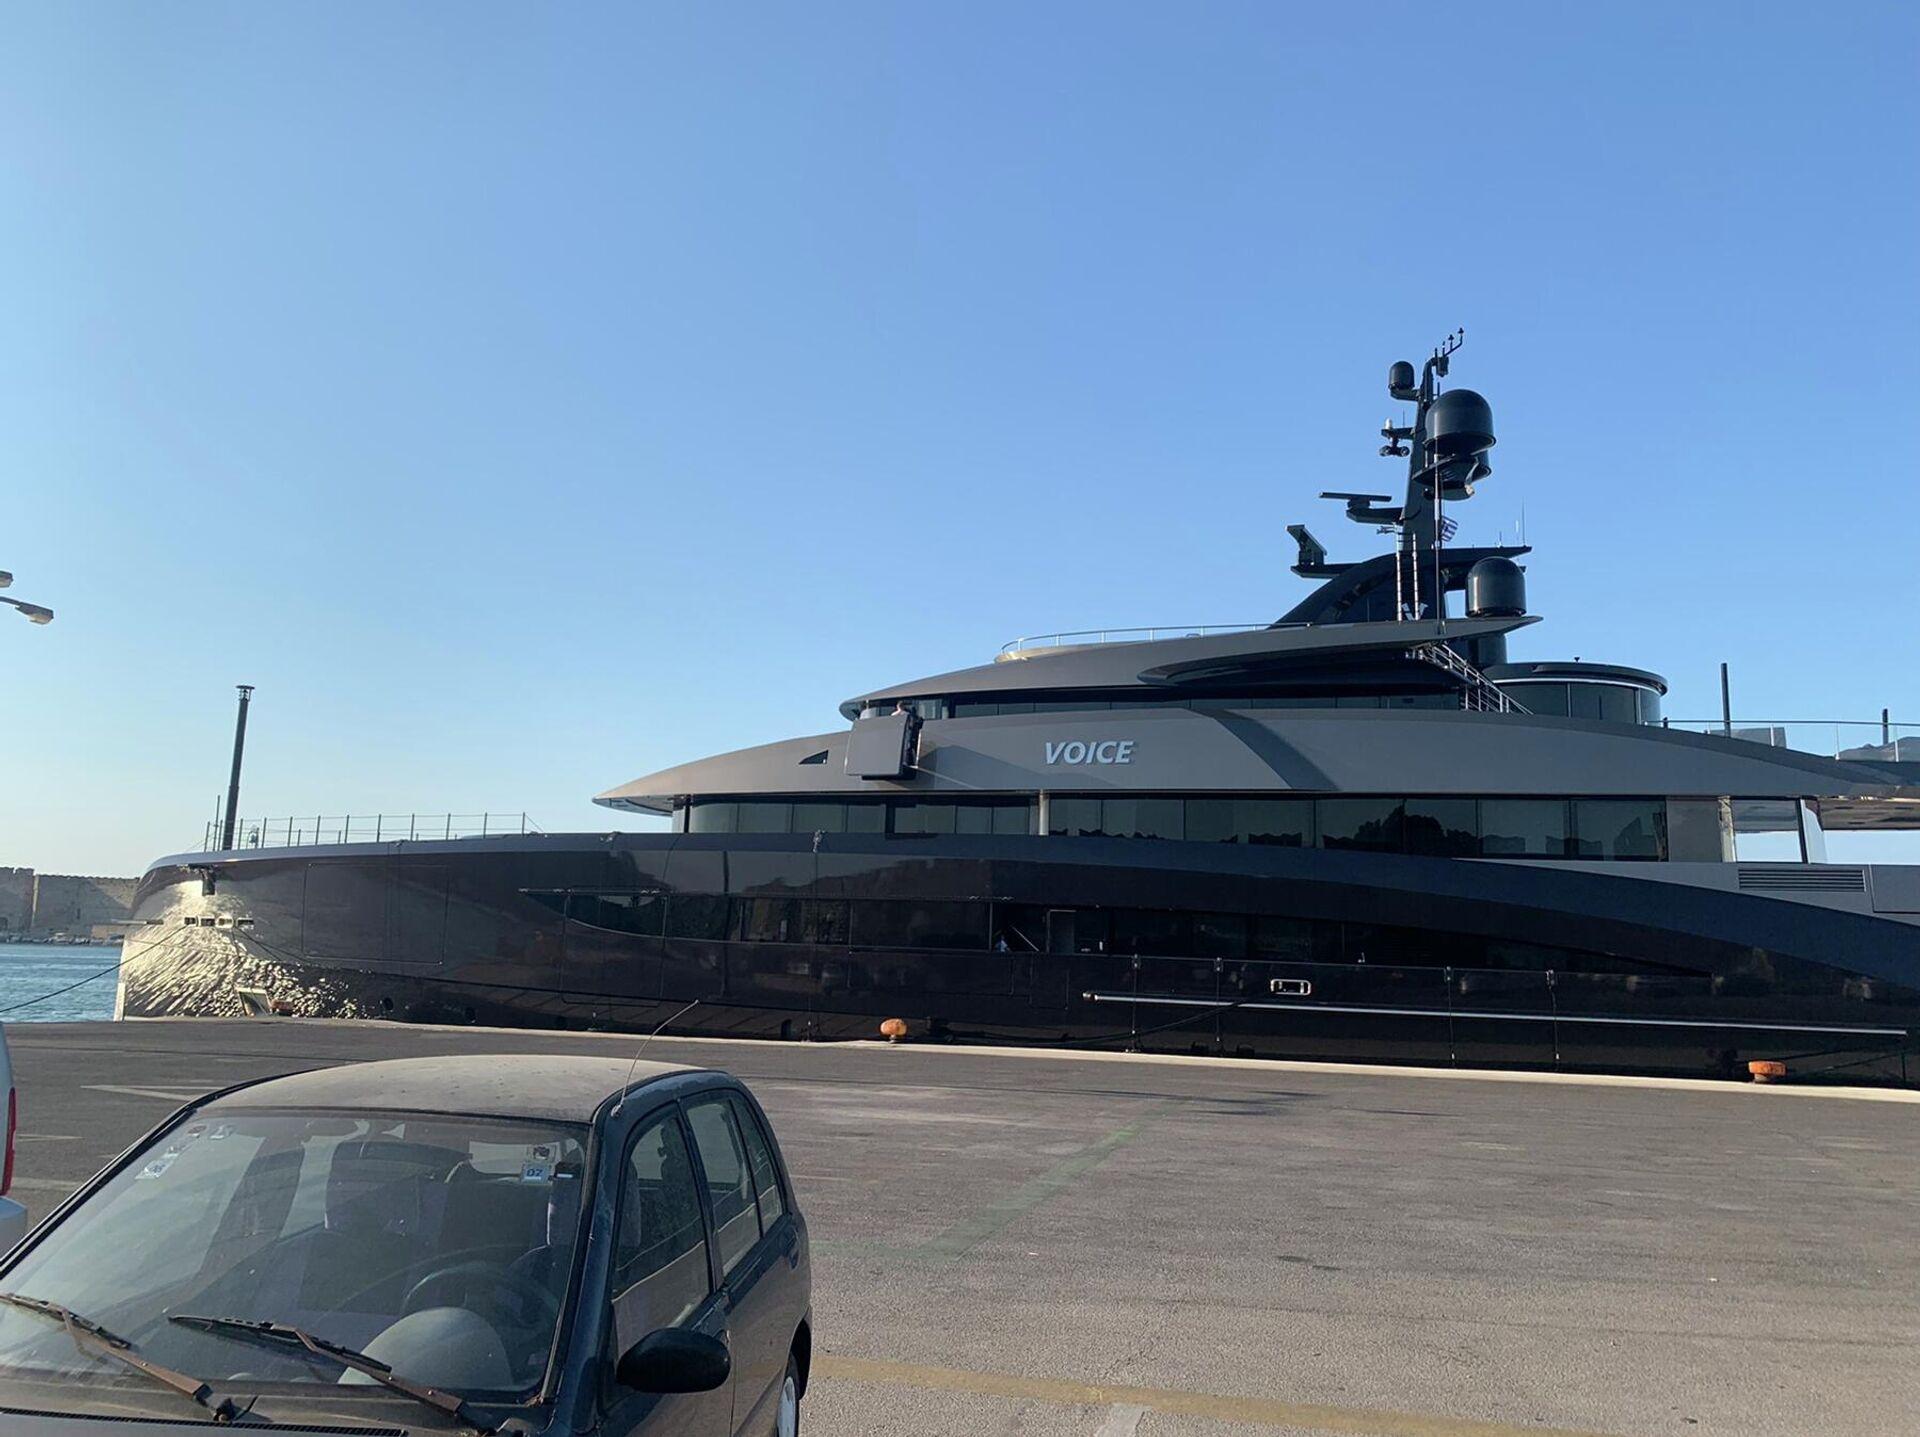 Εντυπωσιακό σούπερ-γιοτ έδεσε στο λιμάνι της Ρόδου - Sputnik Ελλάδα, 1920, 08.09.2021